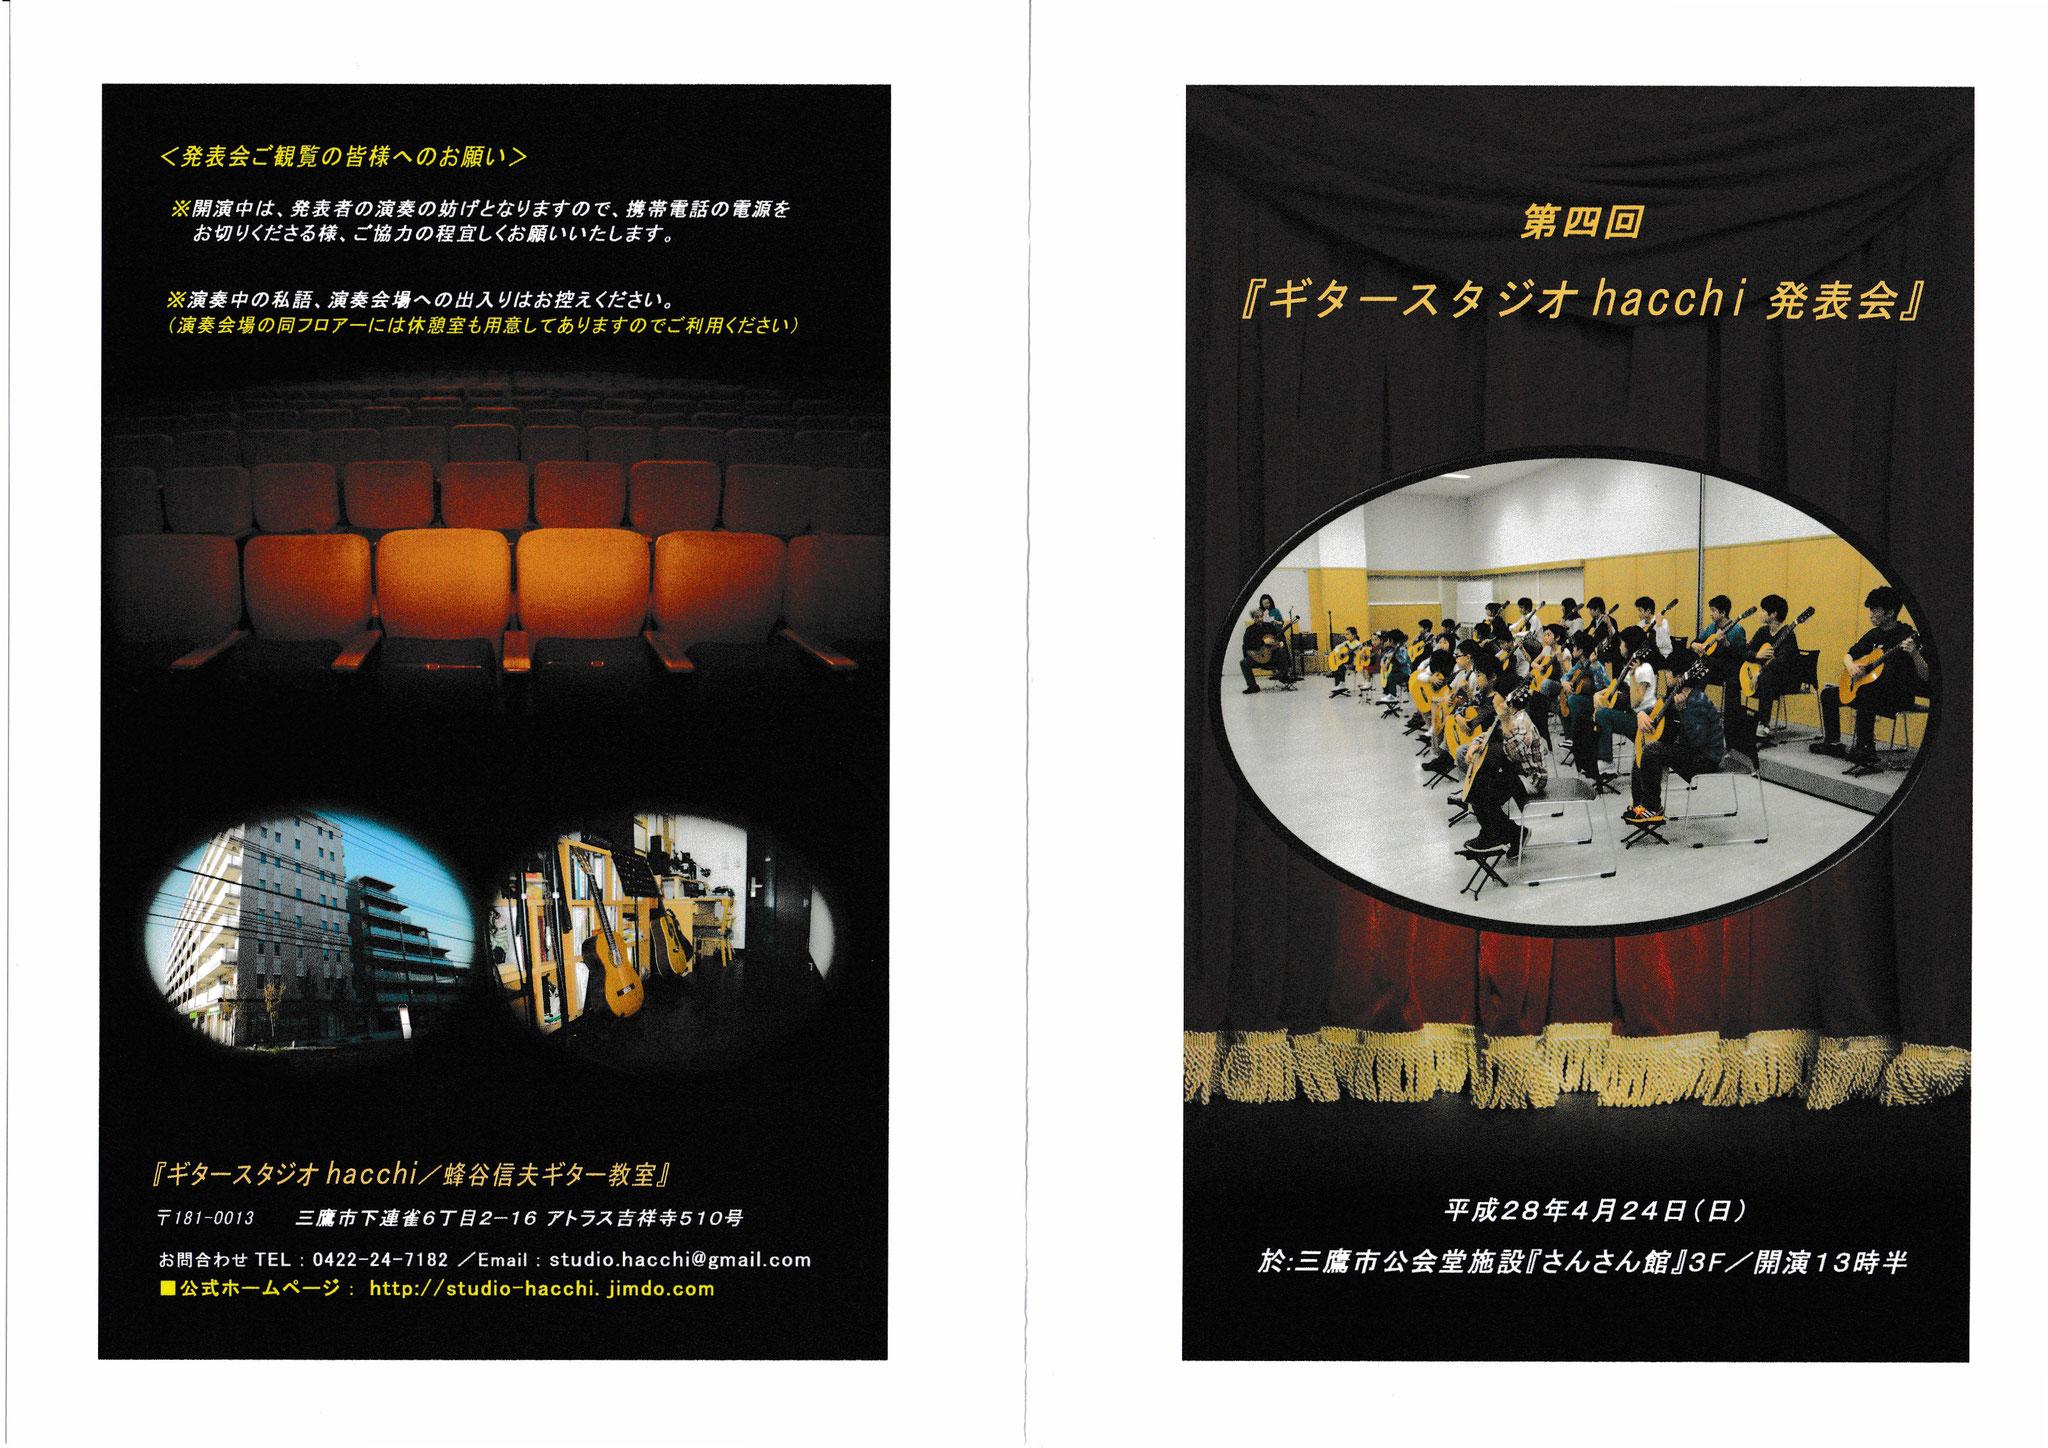 第四回発表会プログラム(1頁&4頁)